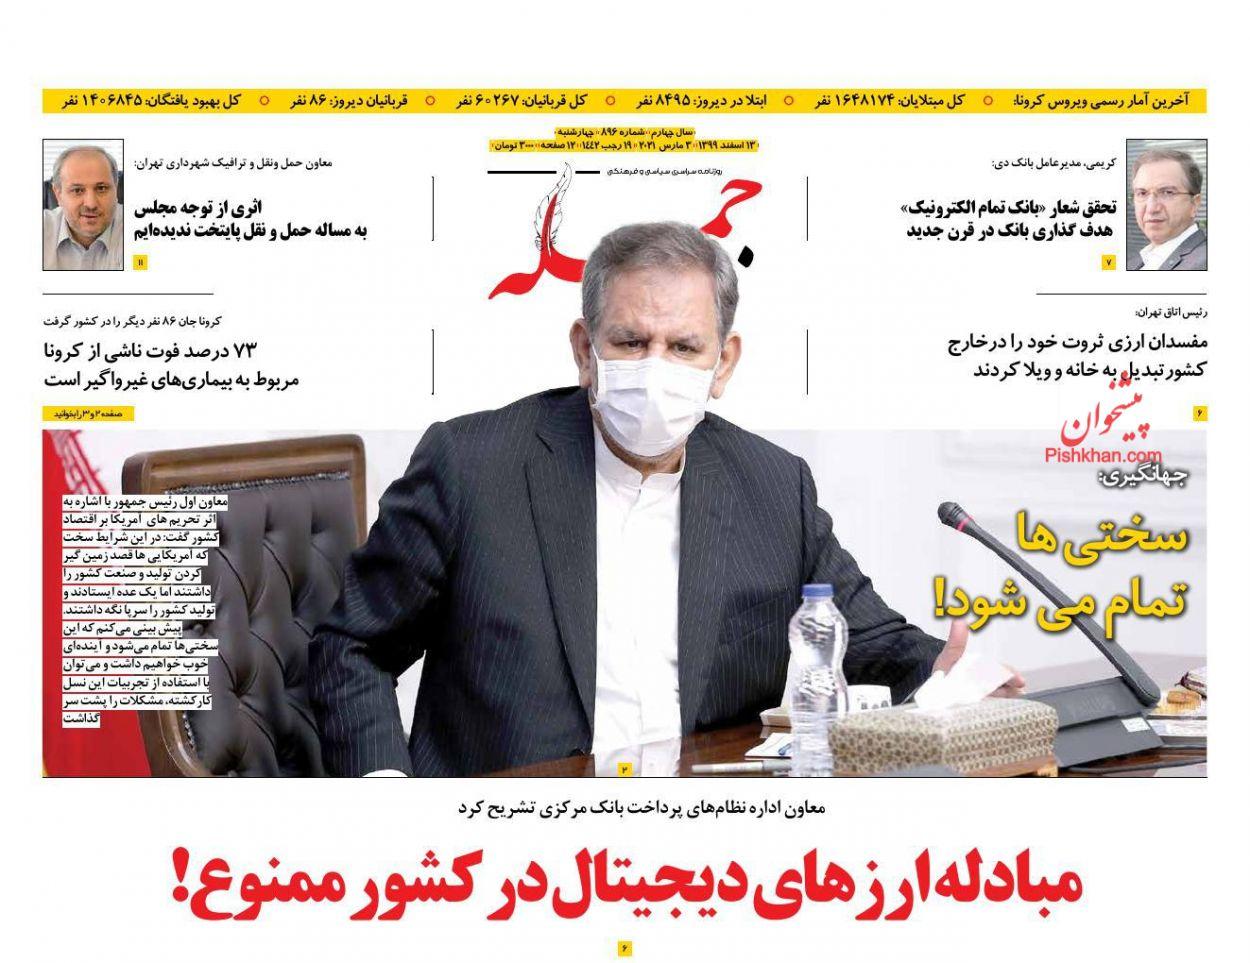 عناوین اخبار روزنامه جمله در روز چهارشنبه ۱۳ اسفند